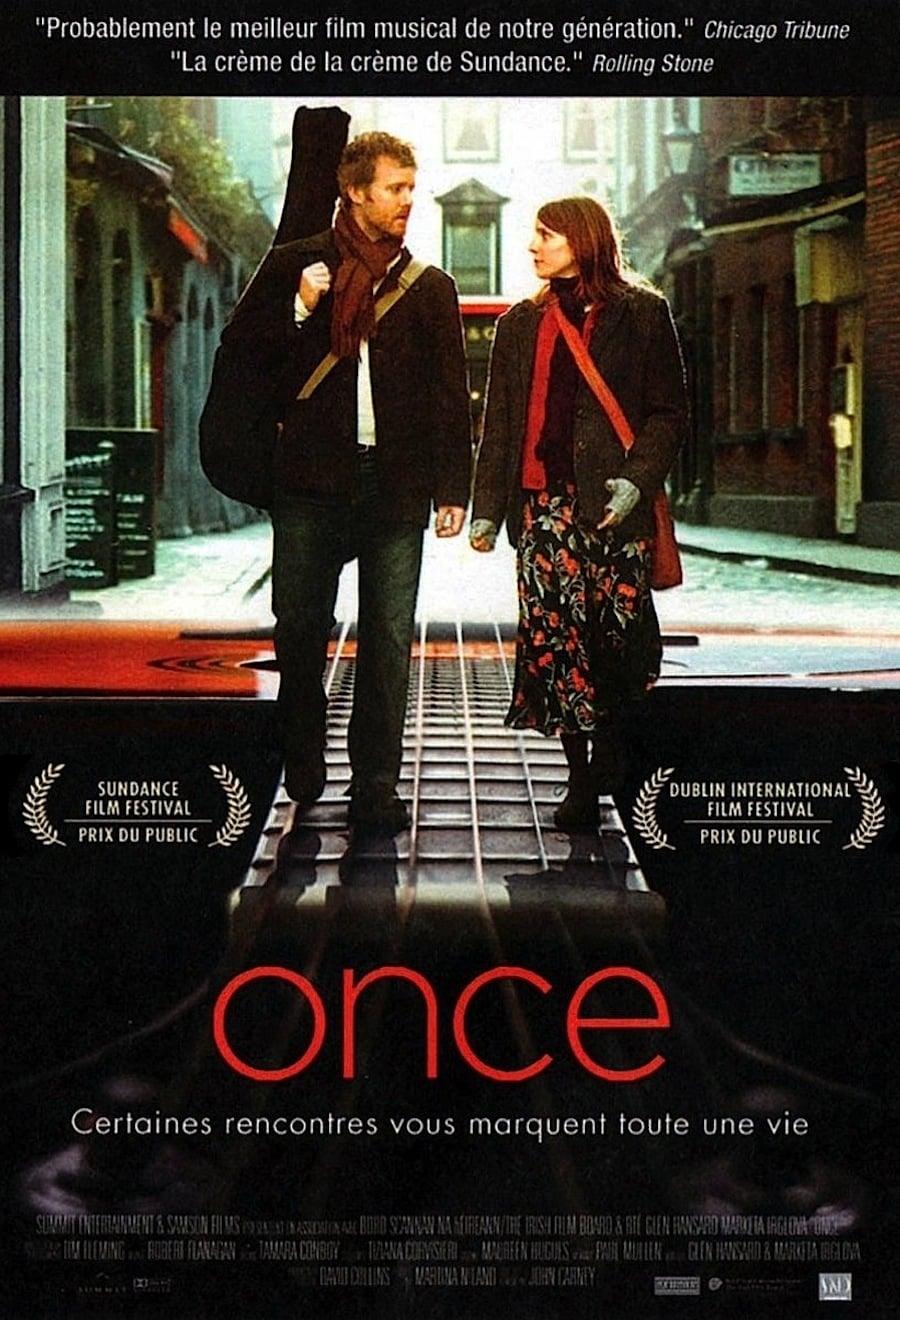 affiche du film Once